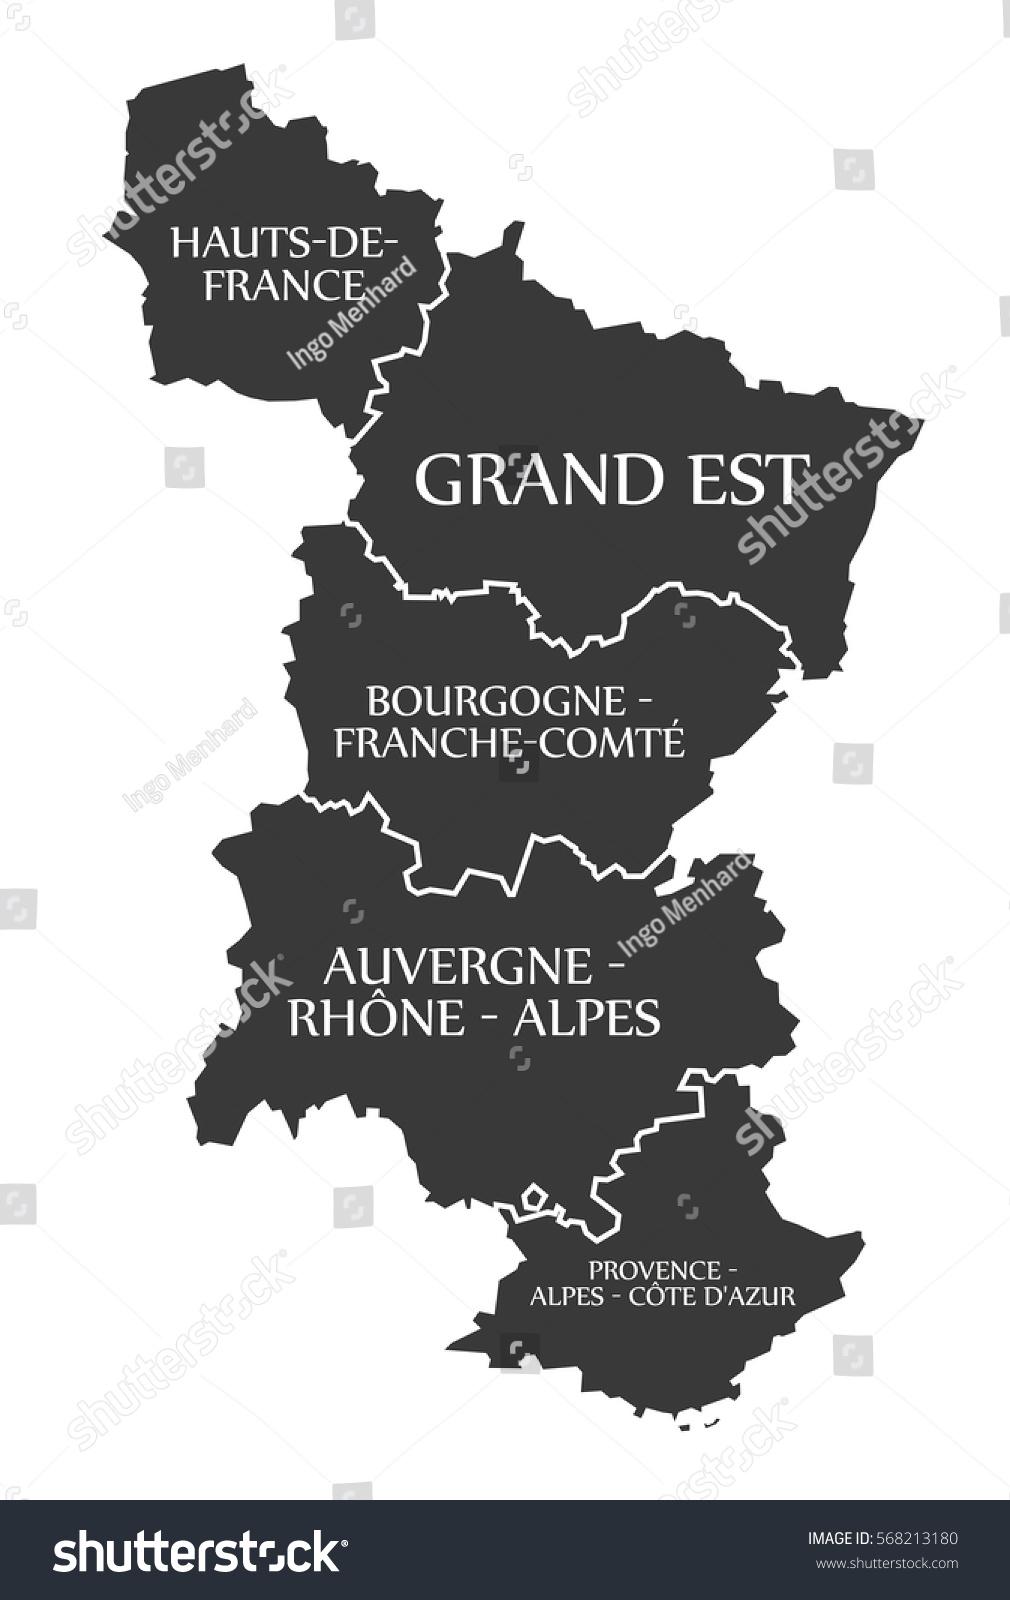 Hautsde France Grand Est Bourgogne Auvergne Provence Stock Vector ...